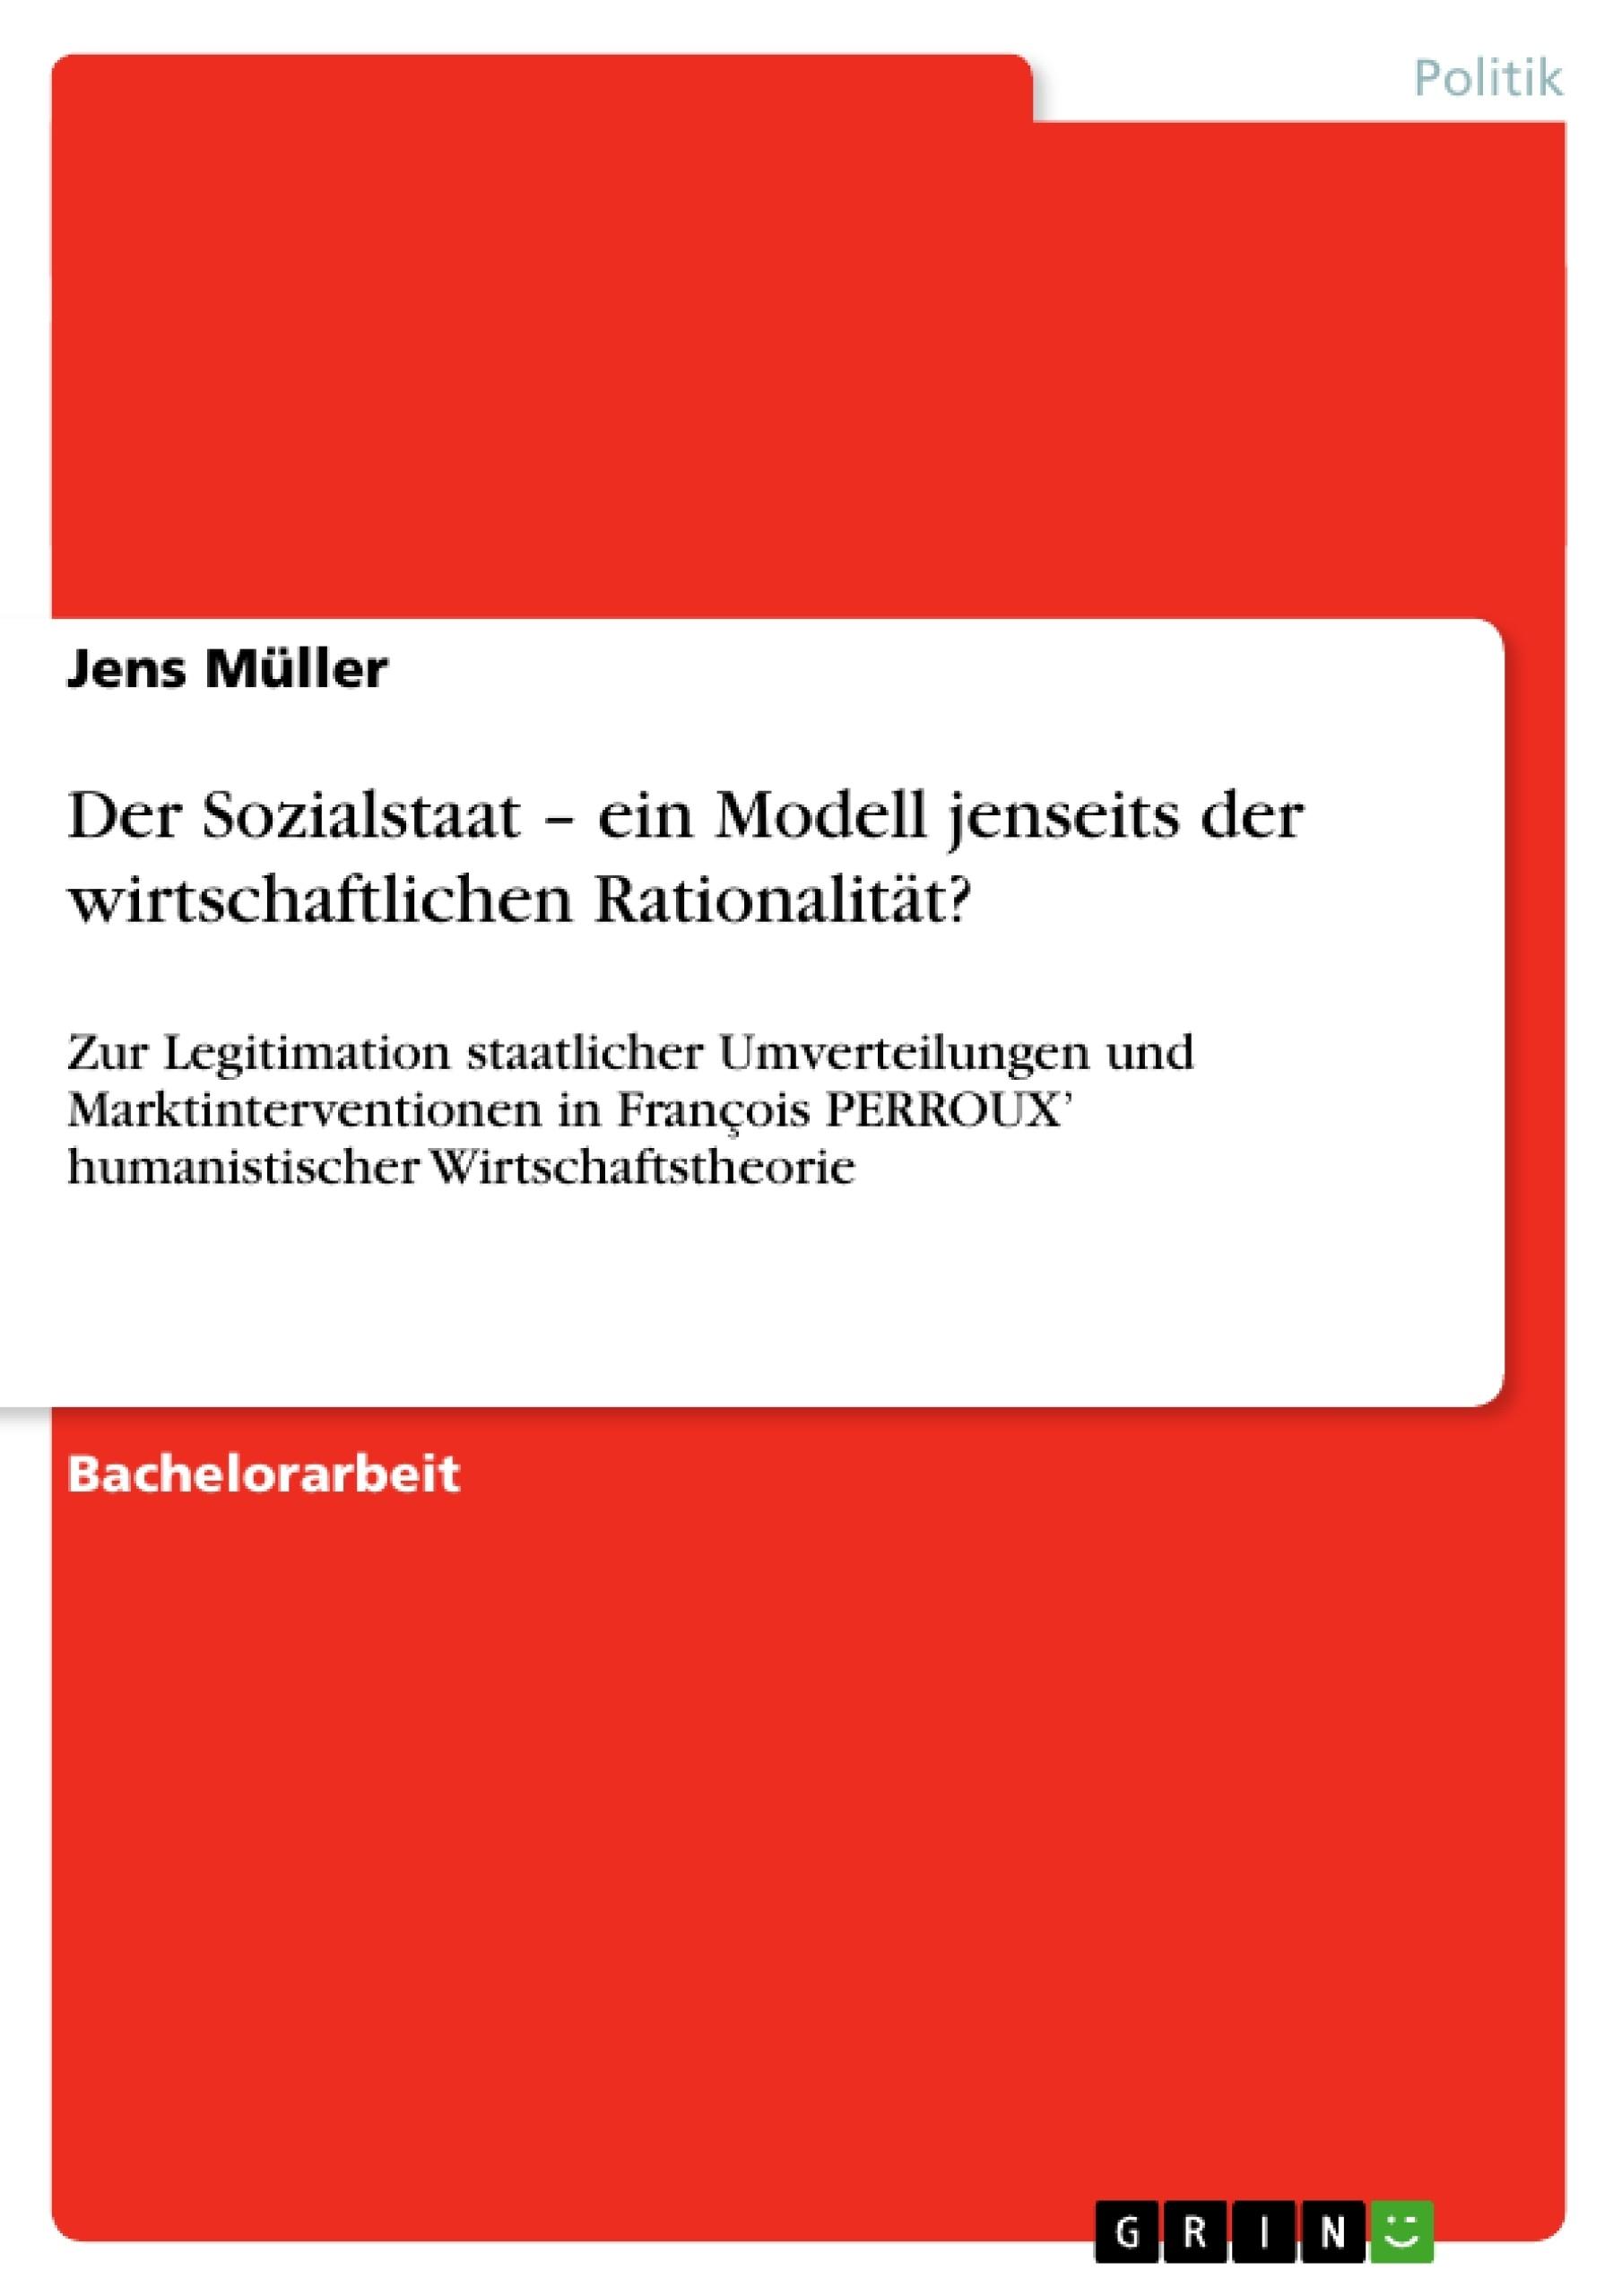 Titel: Der Sozialstaat – ein Modell jenseits der wirtschaftlichen Rationalität?